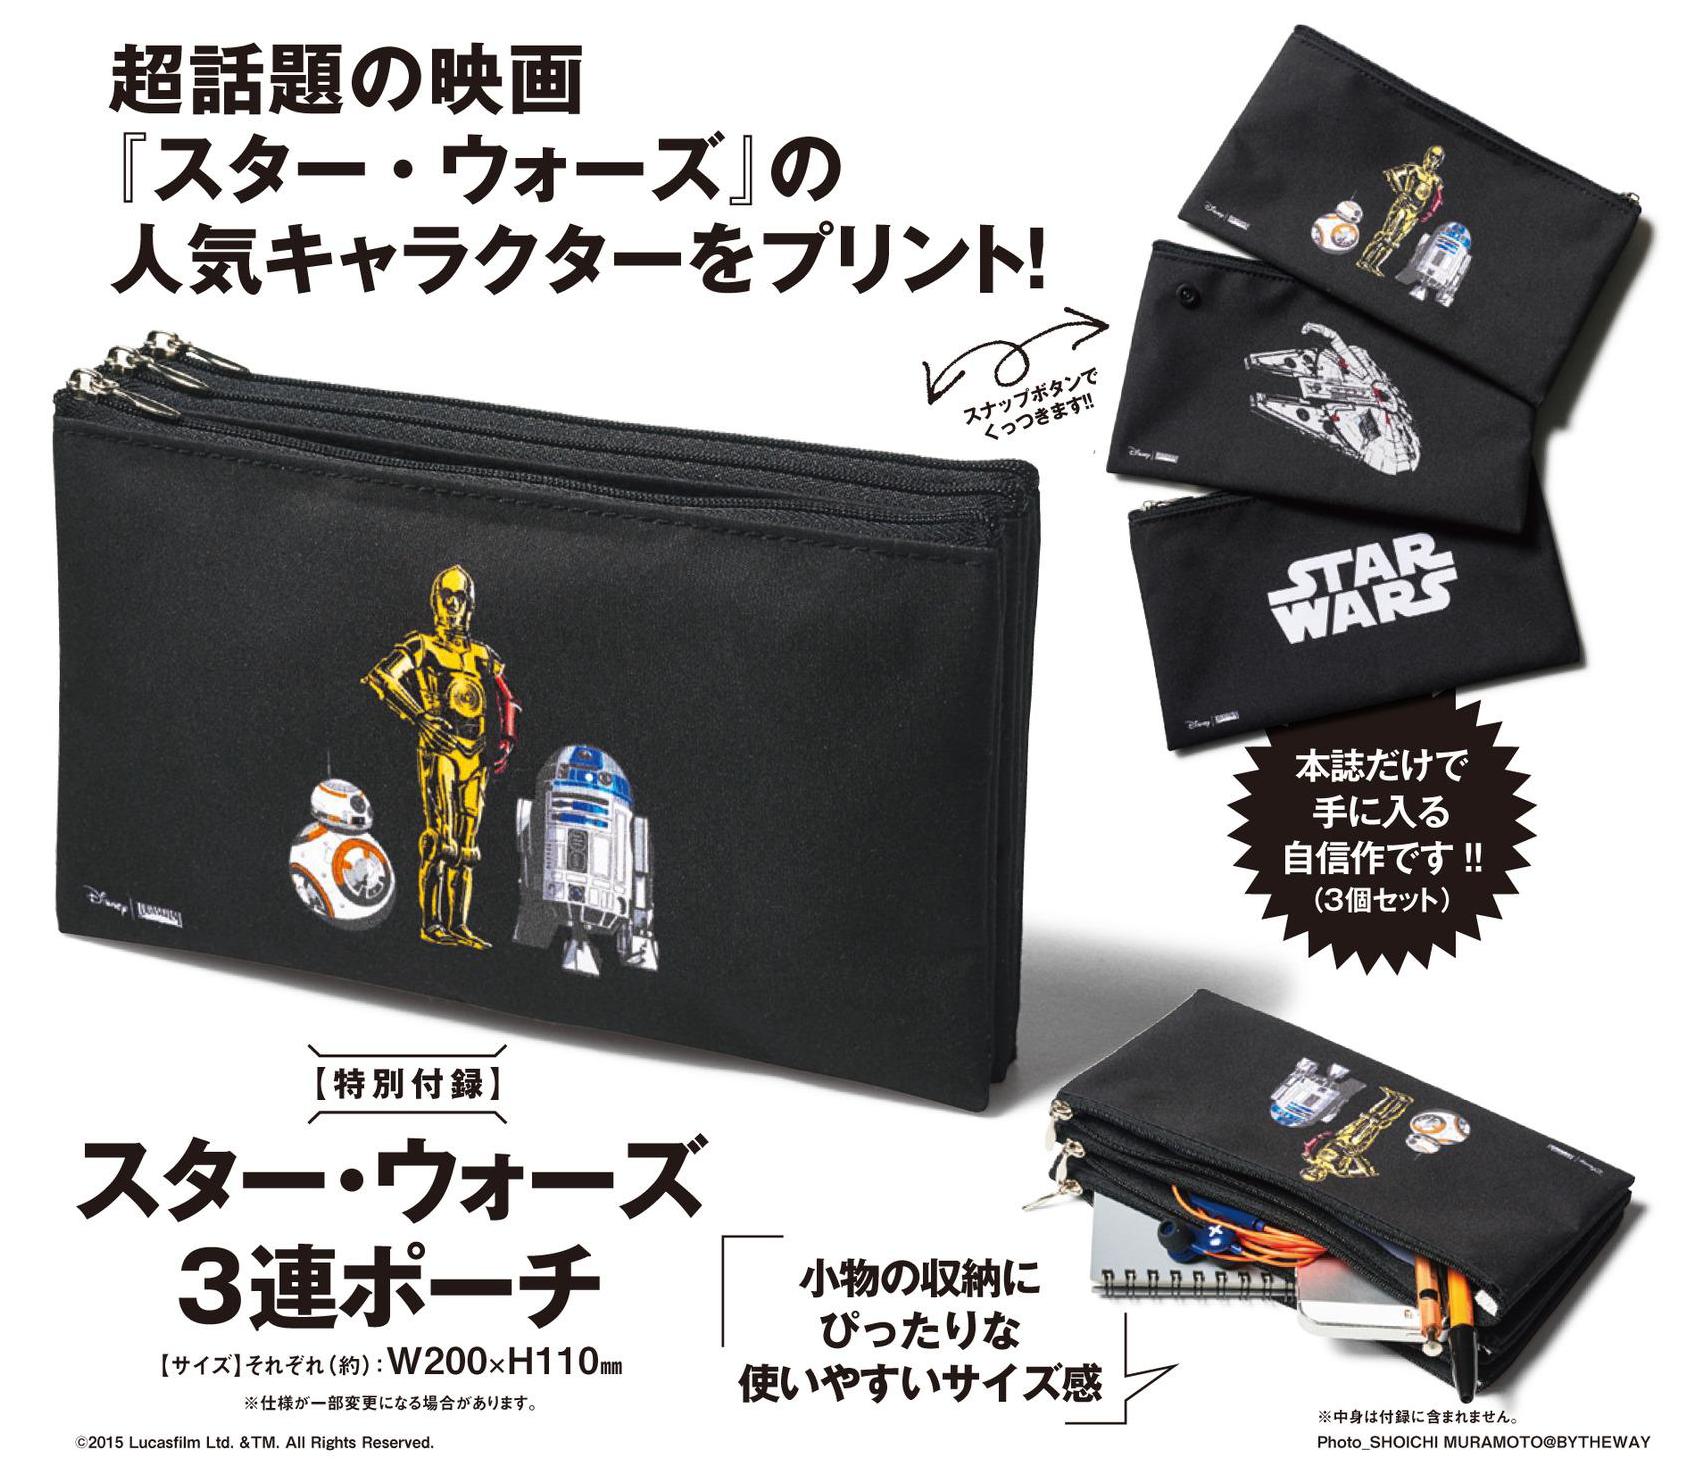 กระเป๋า Mini Triple Pouch Star wars collection x Smart Magazine